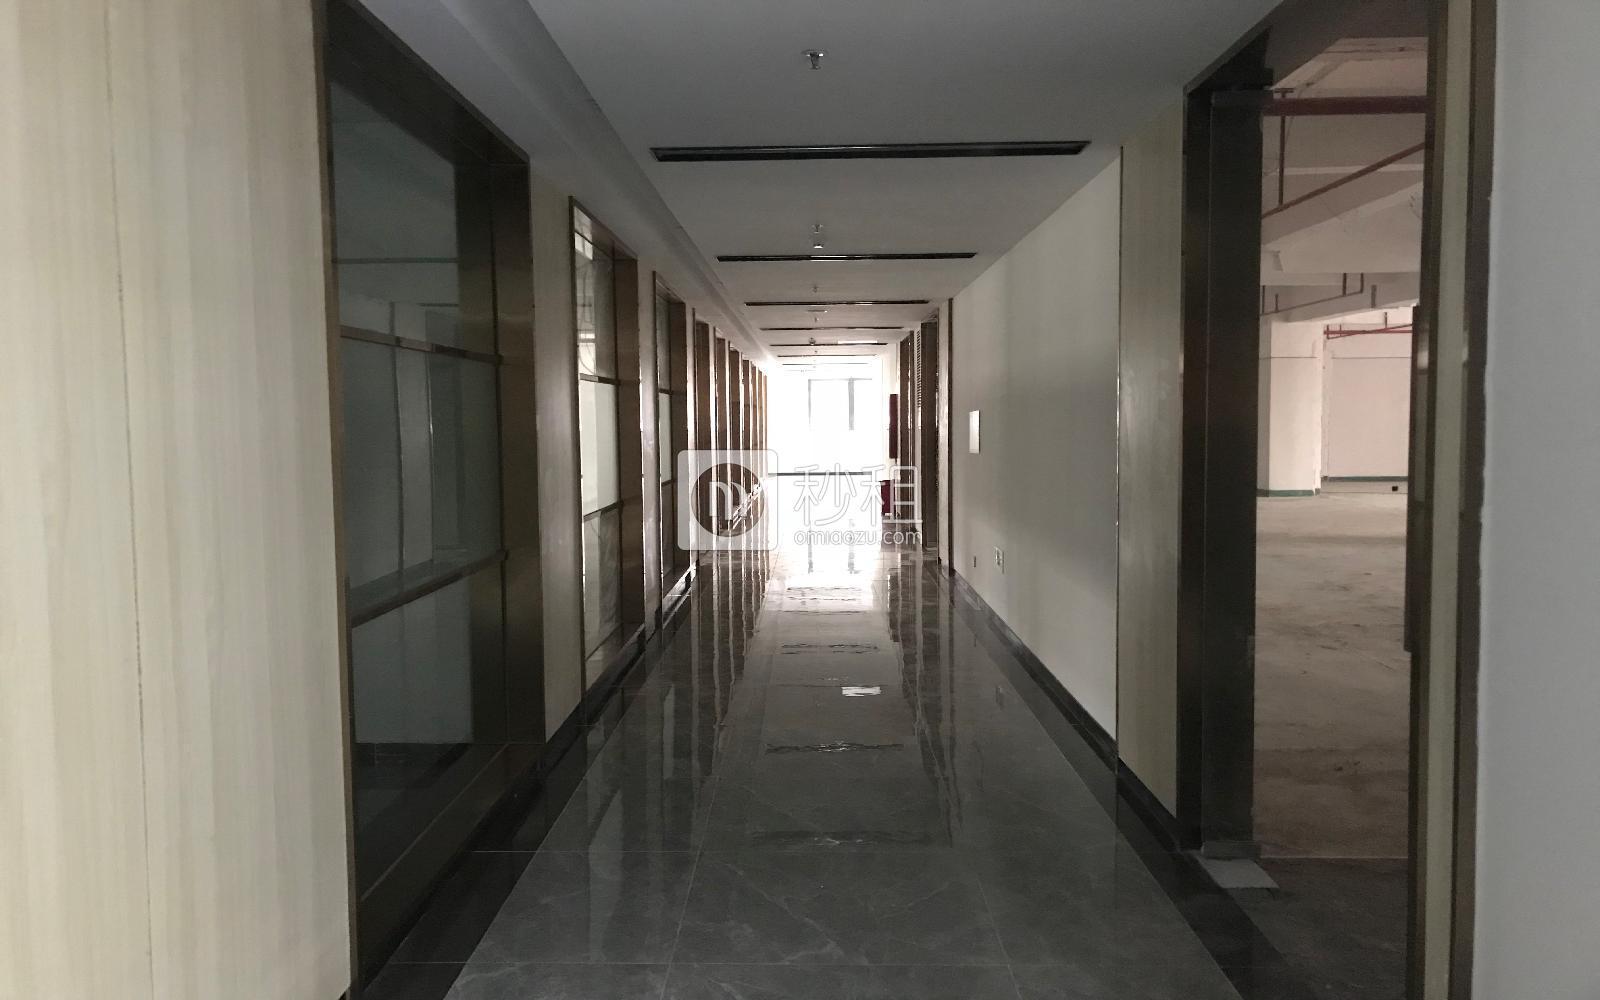 宝安-西乡 U8智造产业园(广豪锋工业园) 217m²